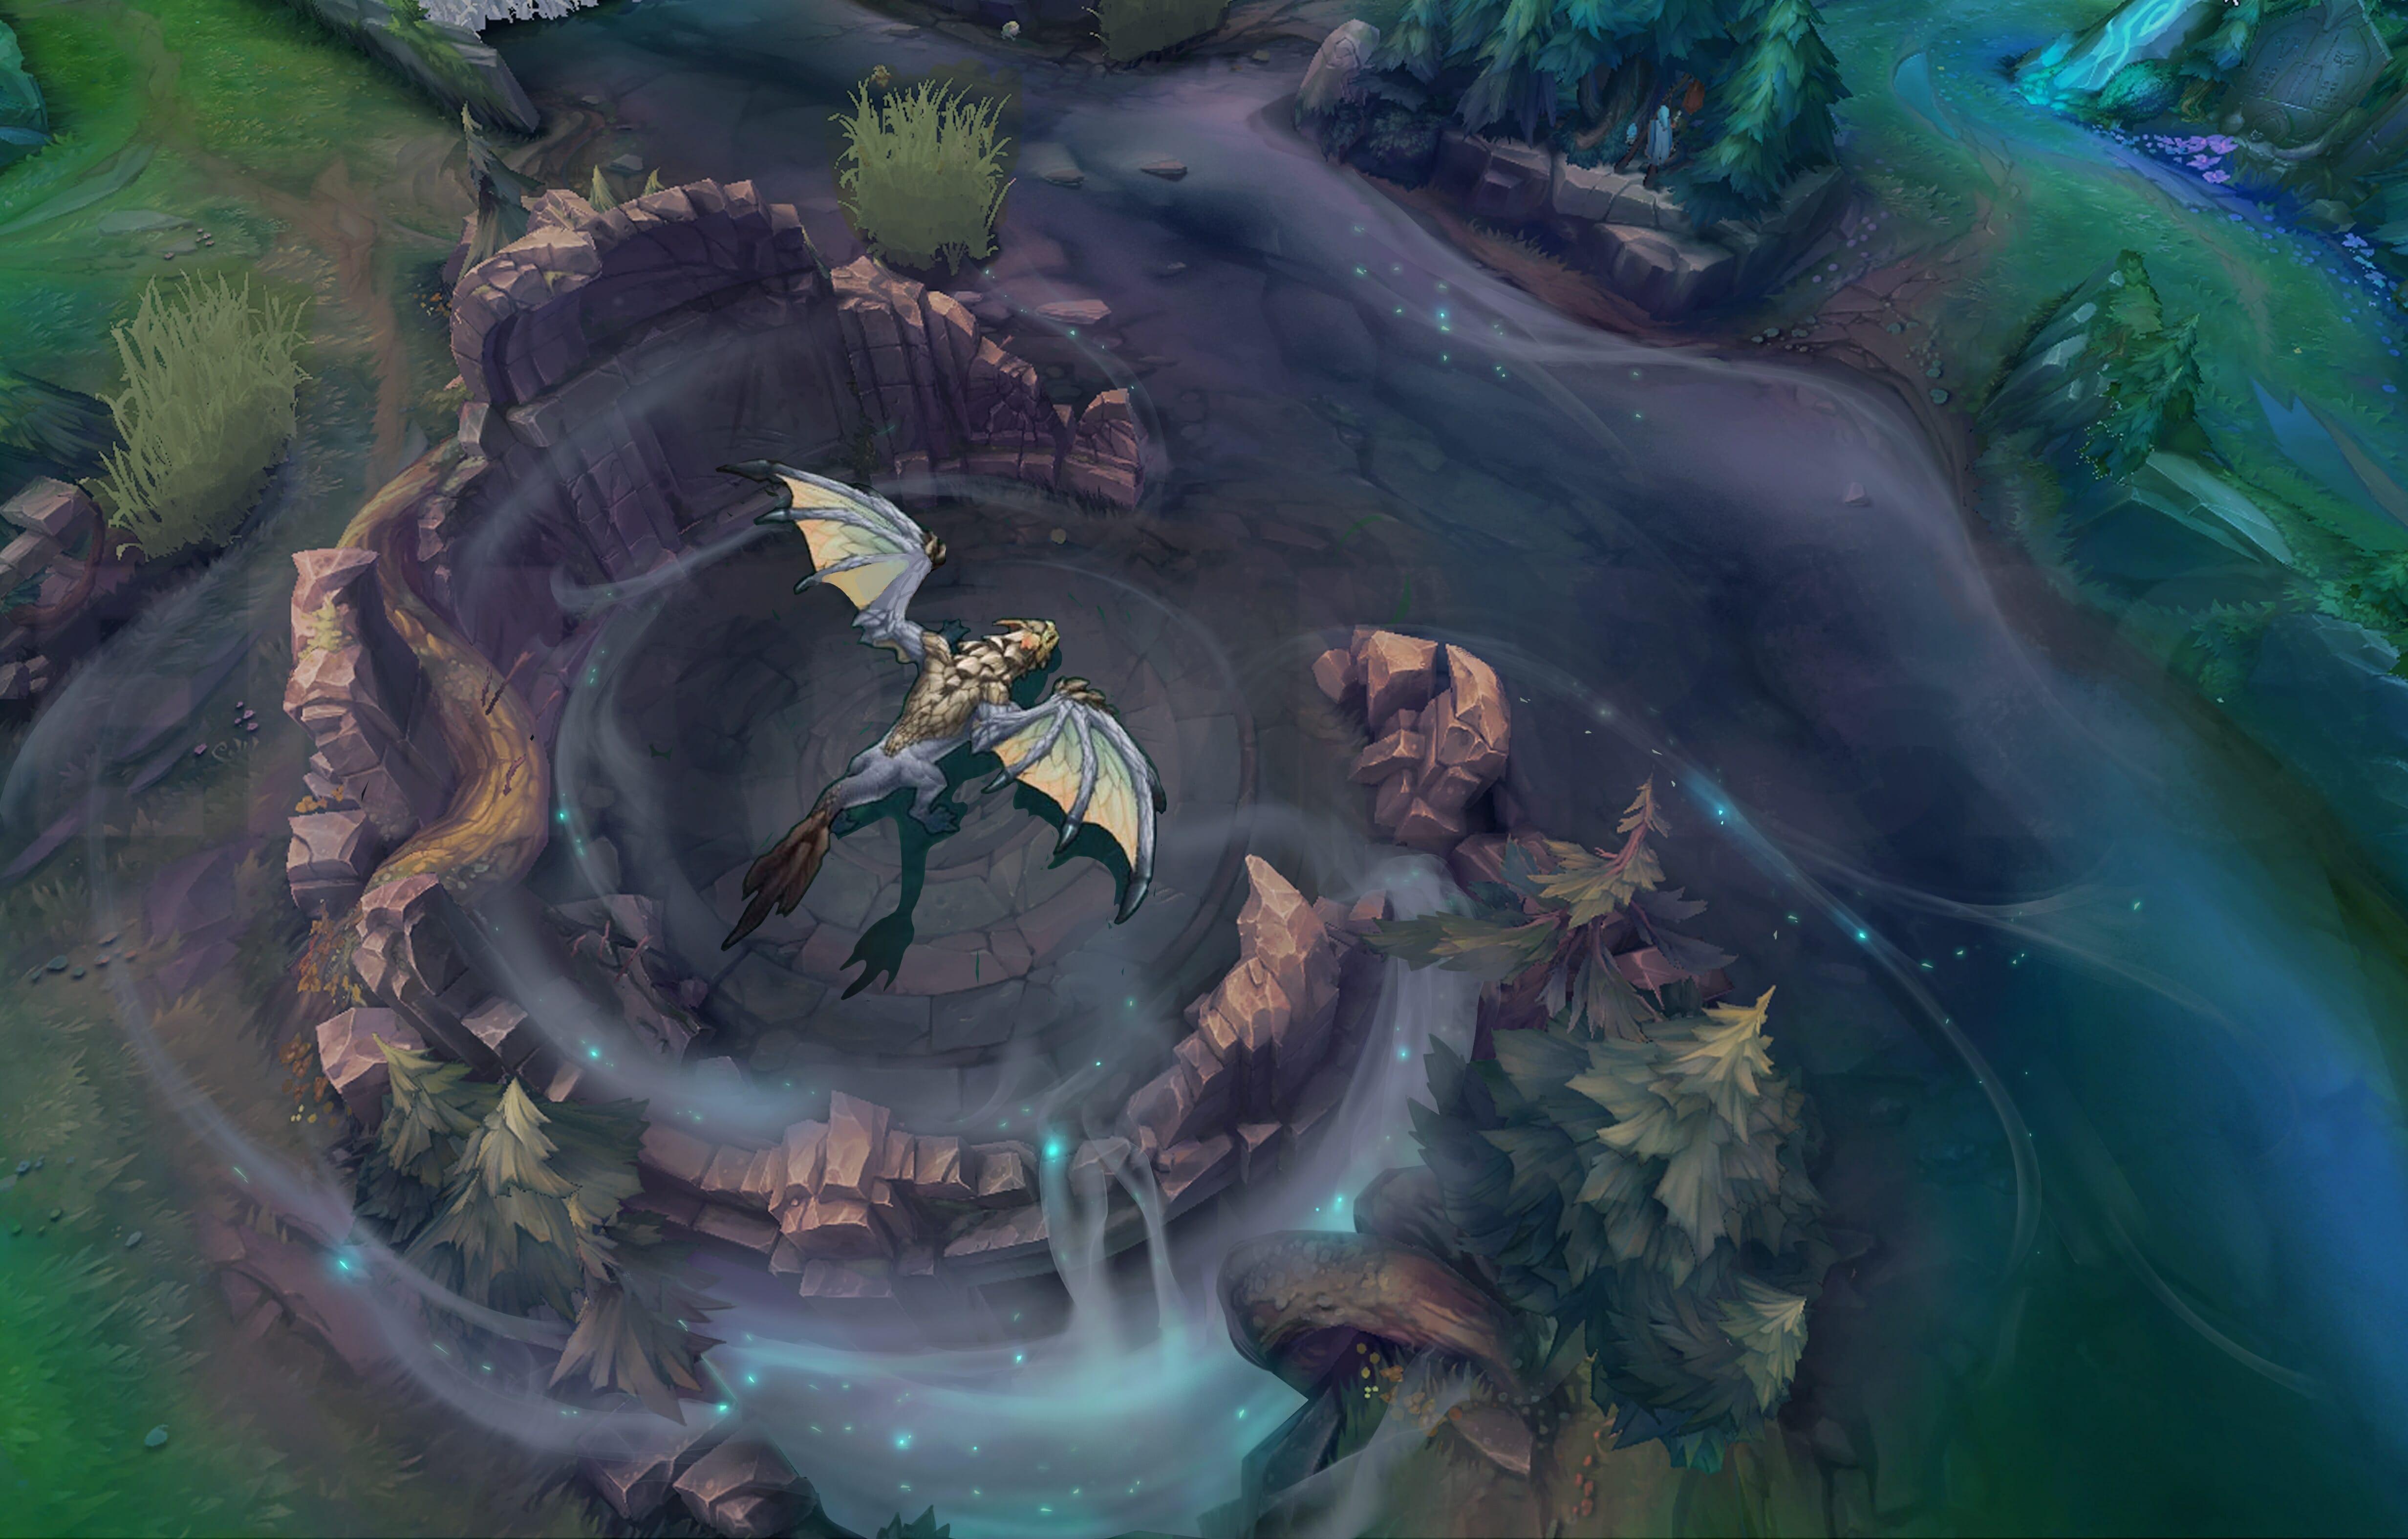 Air elemental dragon spawning